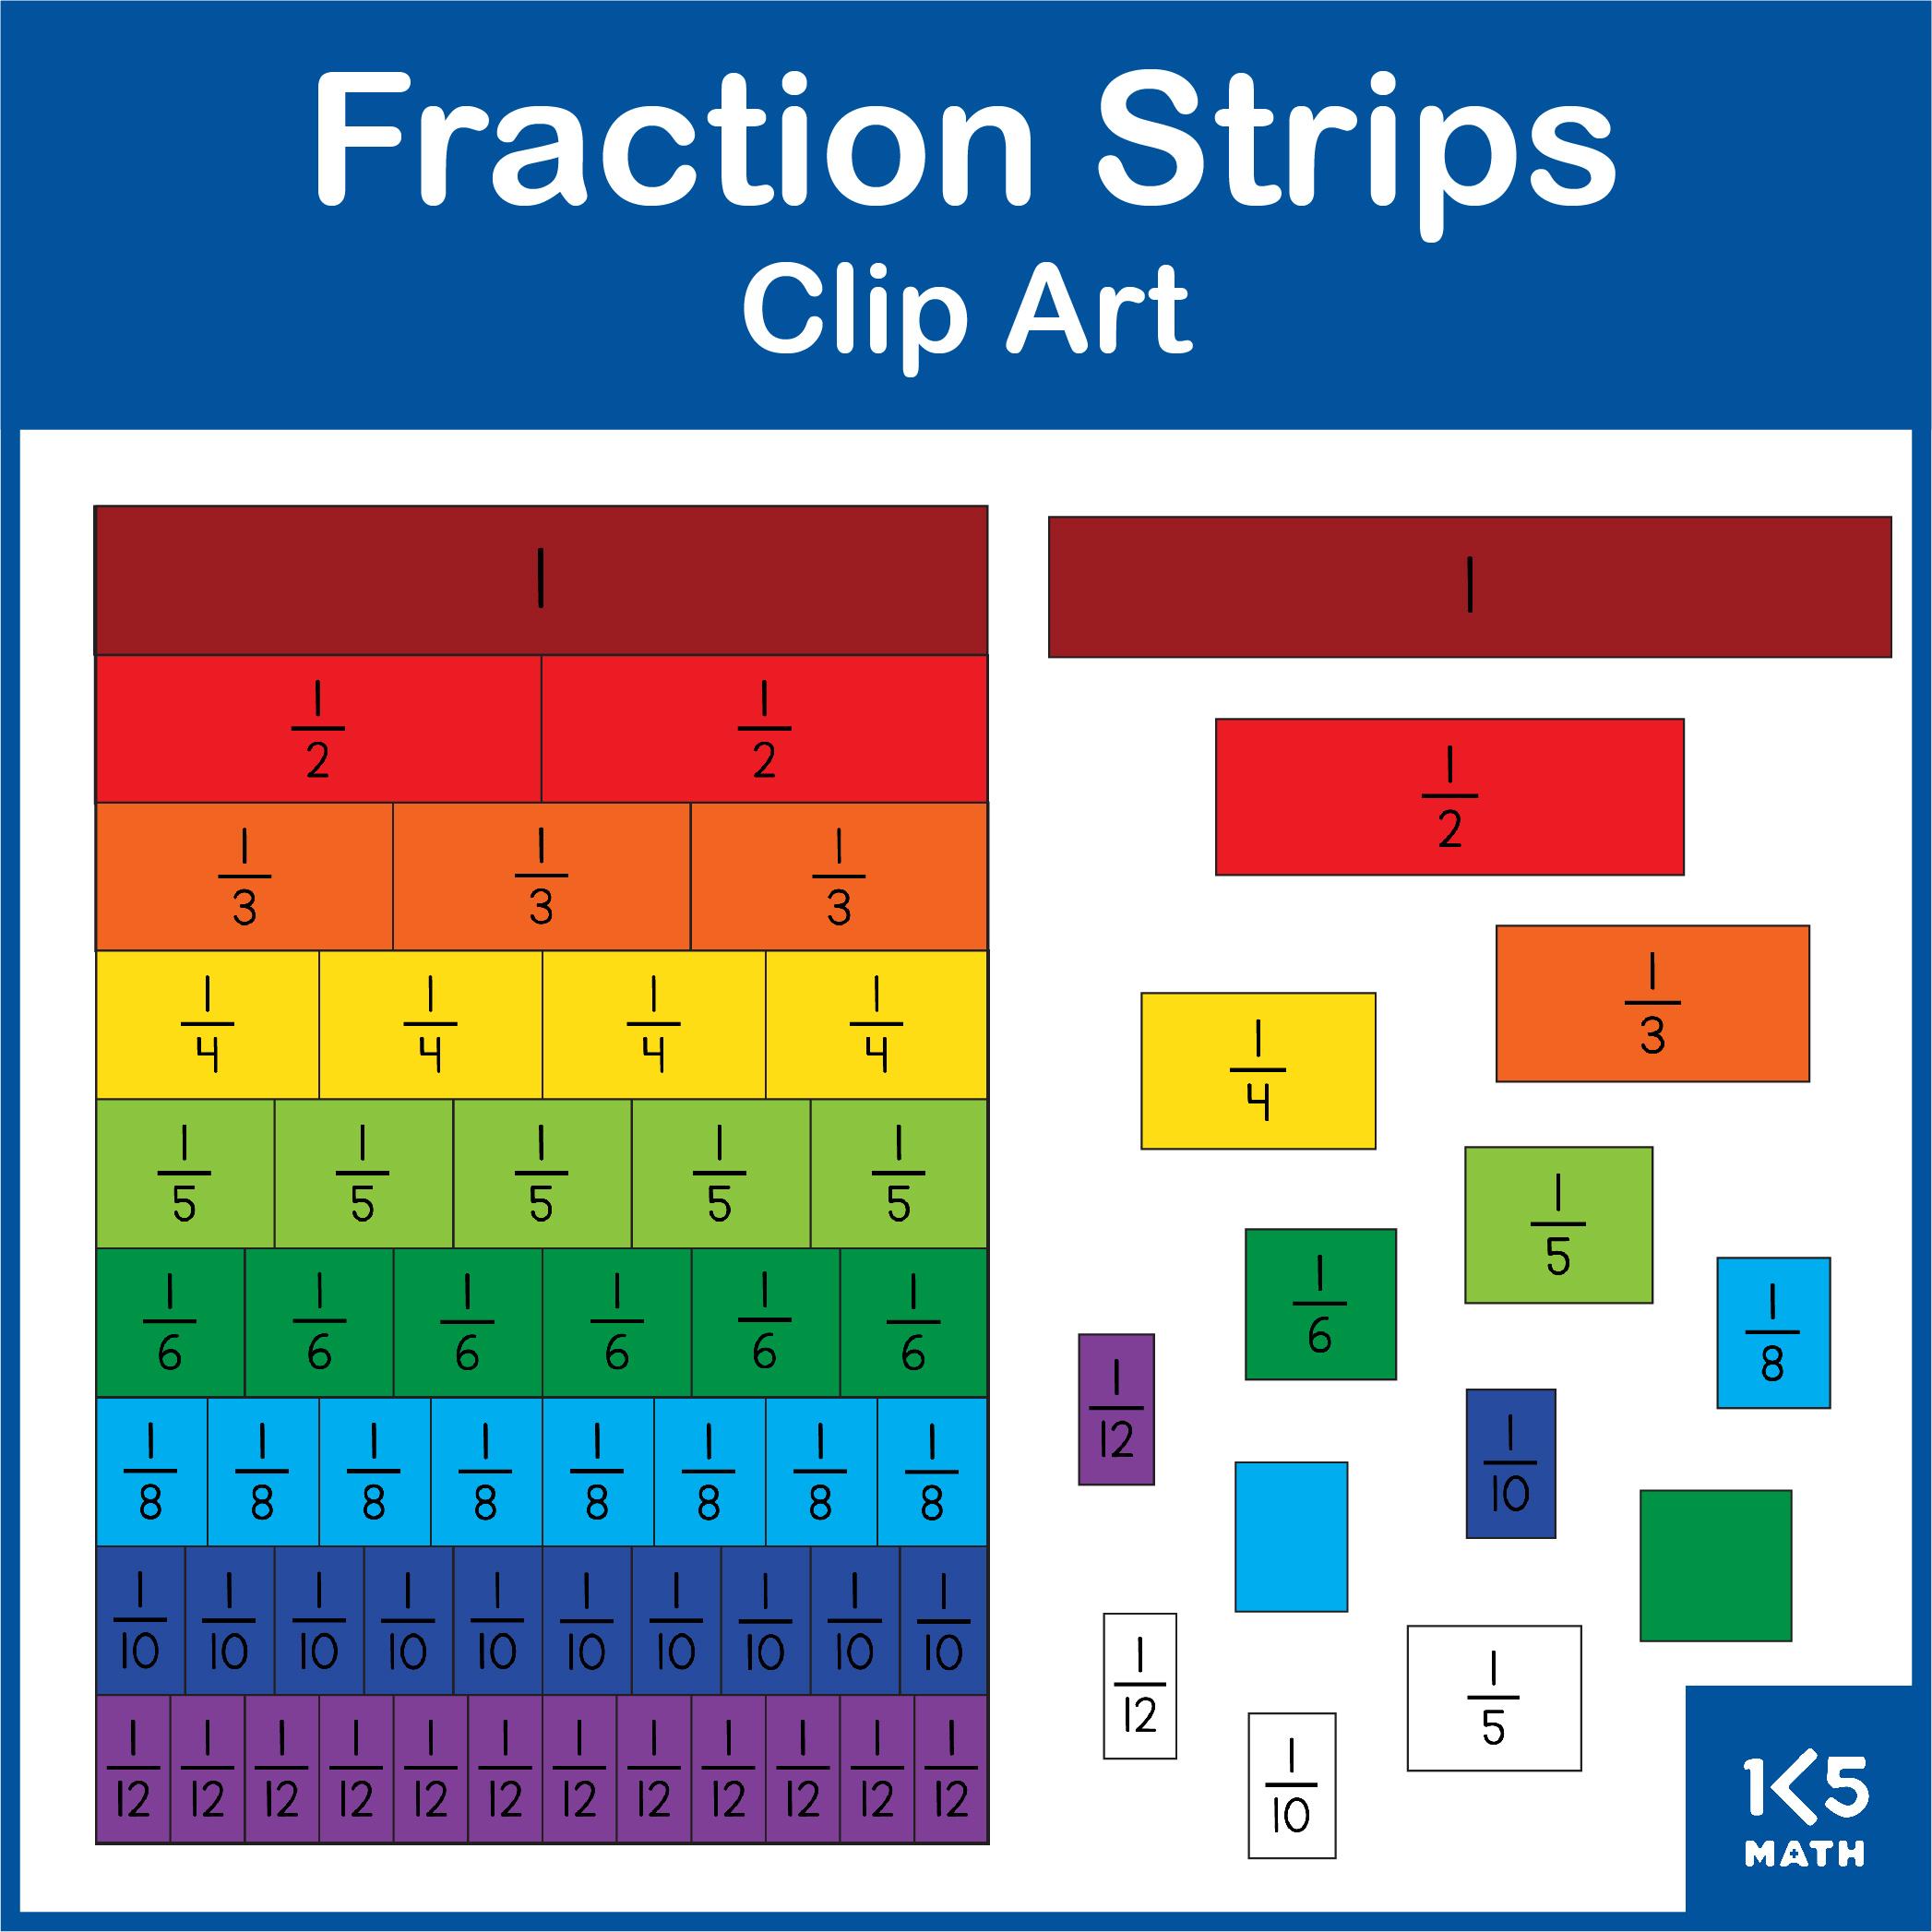 Fraction Strips Clip Art